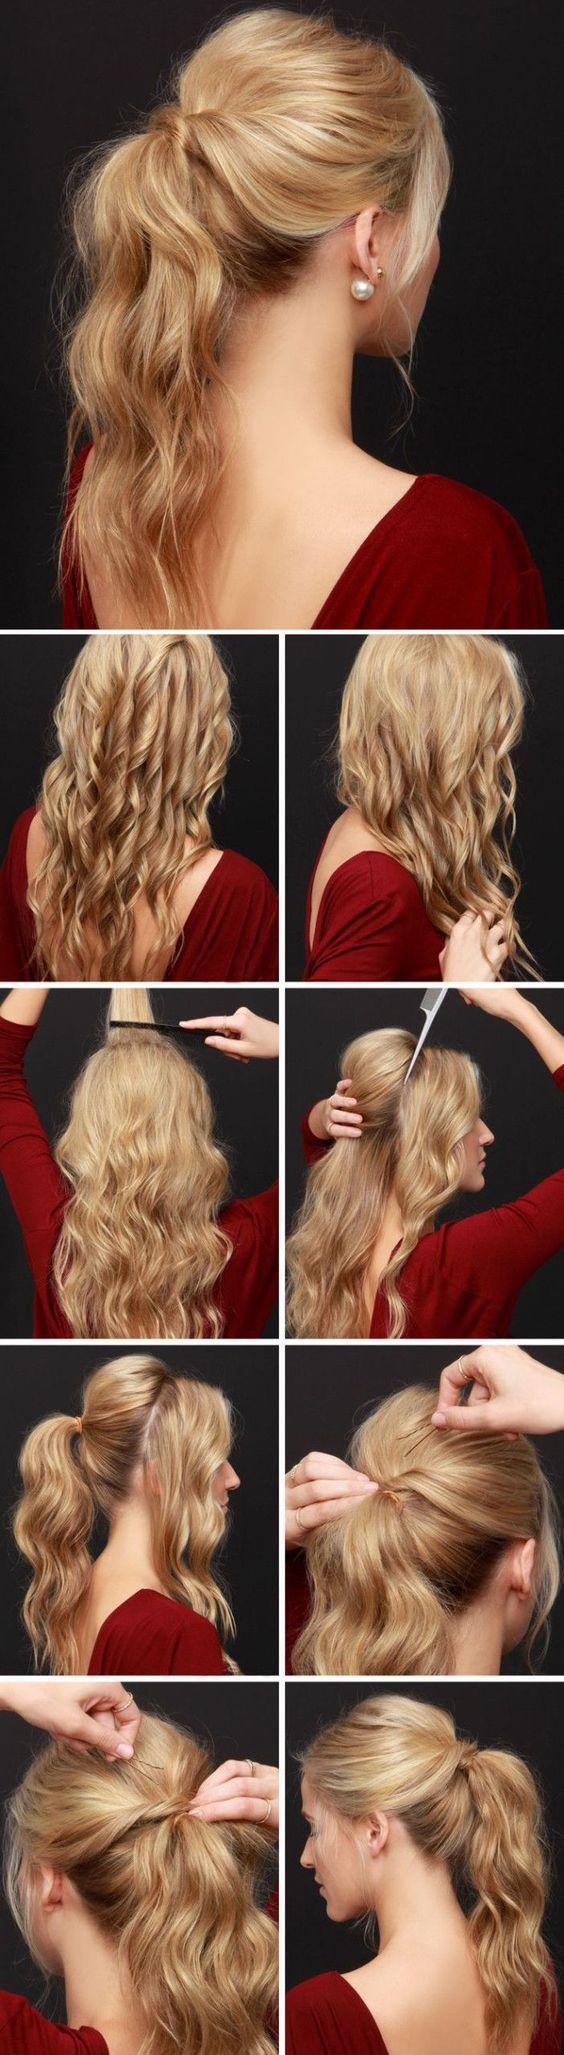 10 Sencillos peinados para cuidar tu melena larga durante clima con mucho frío y aire